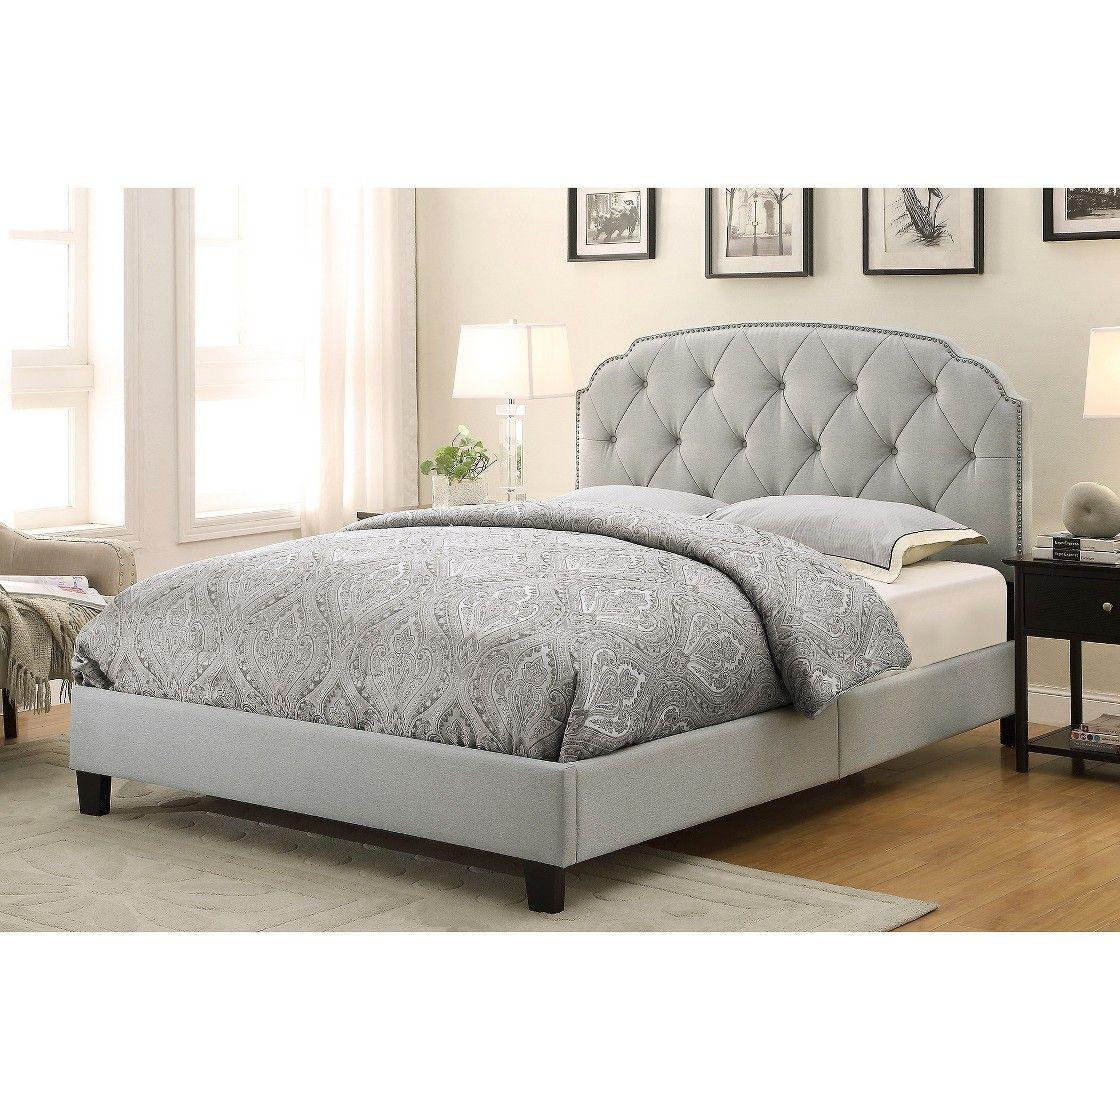 Barnes upholstered allinone bed gray queen pulaski bedrooms